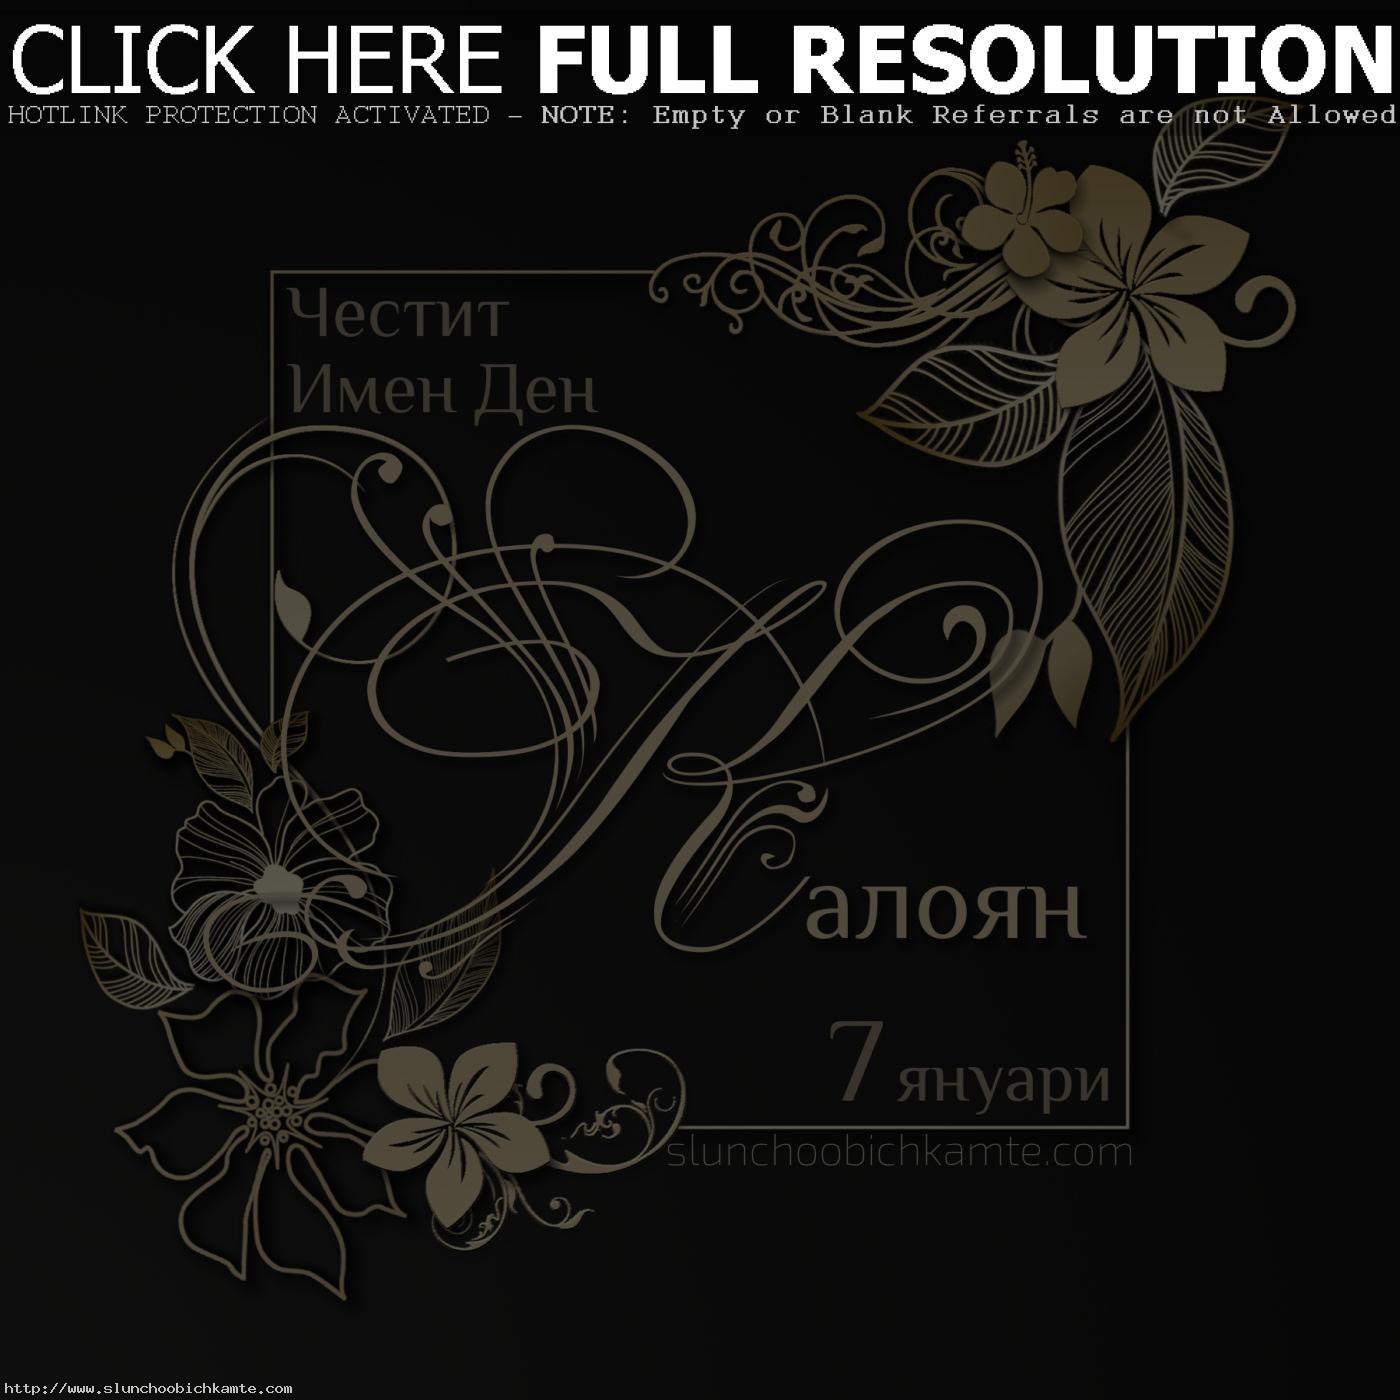 Честит имен ден Калоян - 7 януари - Ивановден, Свети Йоан Кръстител - Картички за Имен ден. Пожелай честит имен ден с оригинална картичка